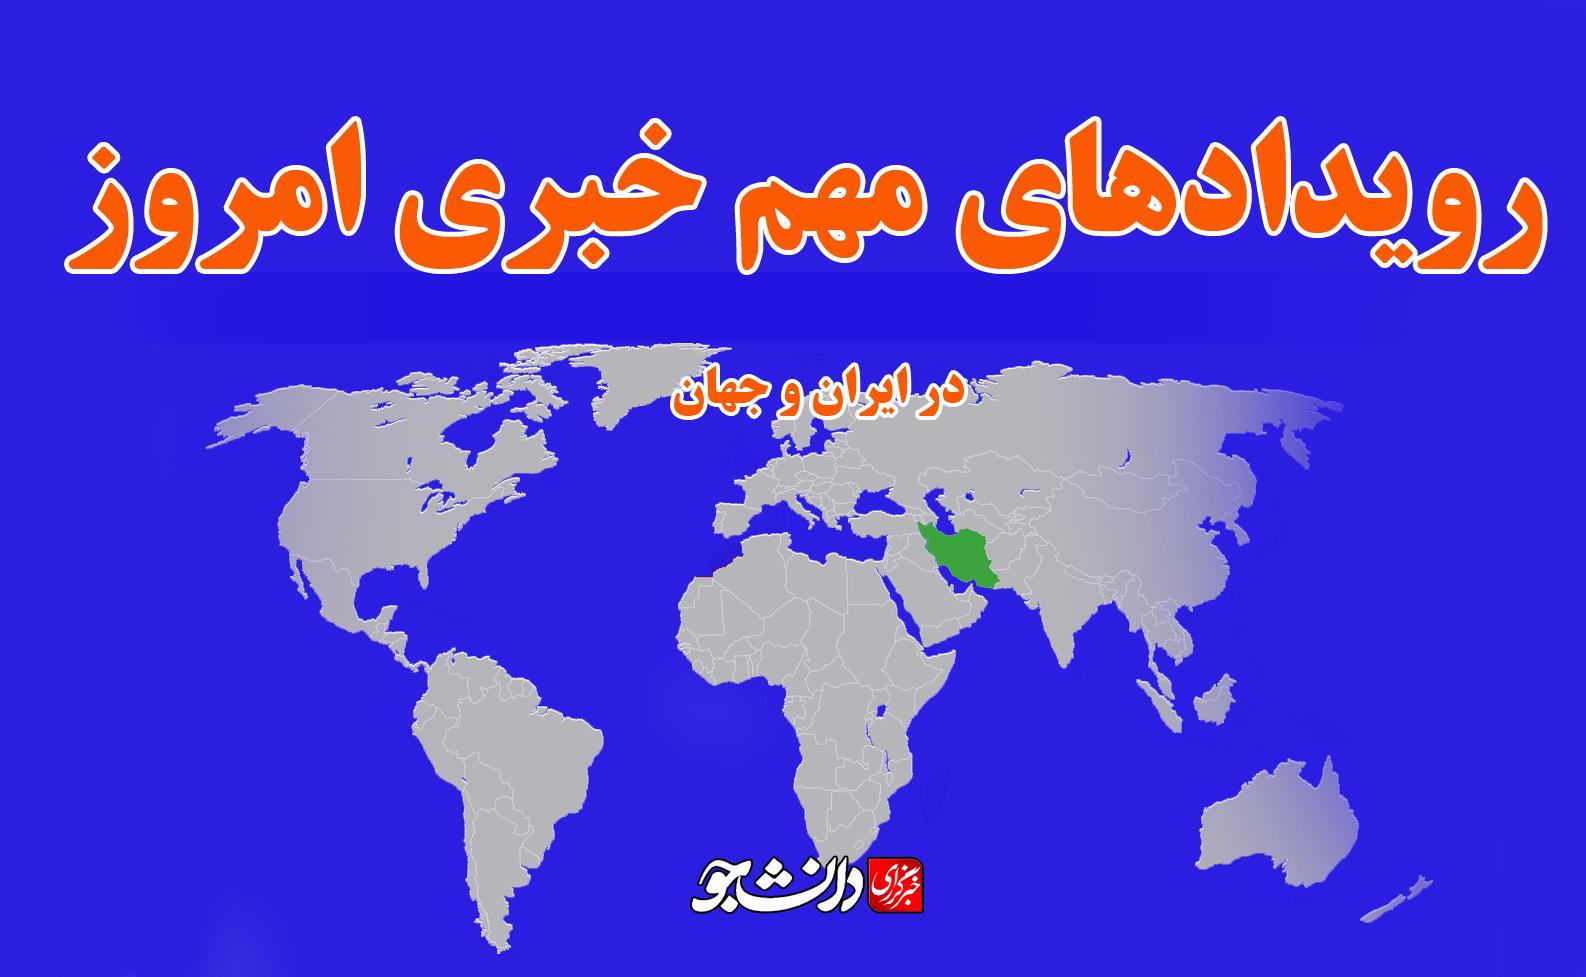 مهم ترین رویداد های خبری امروز در ایران و جهان